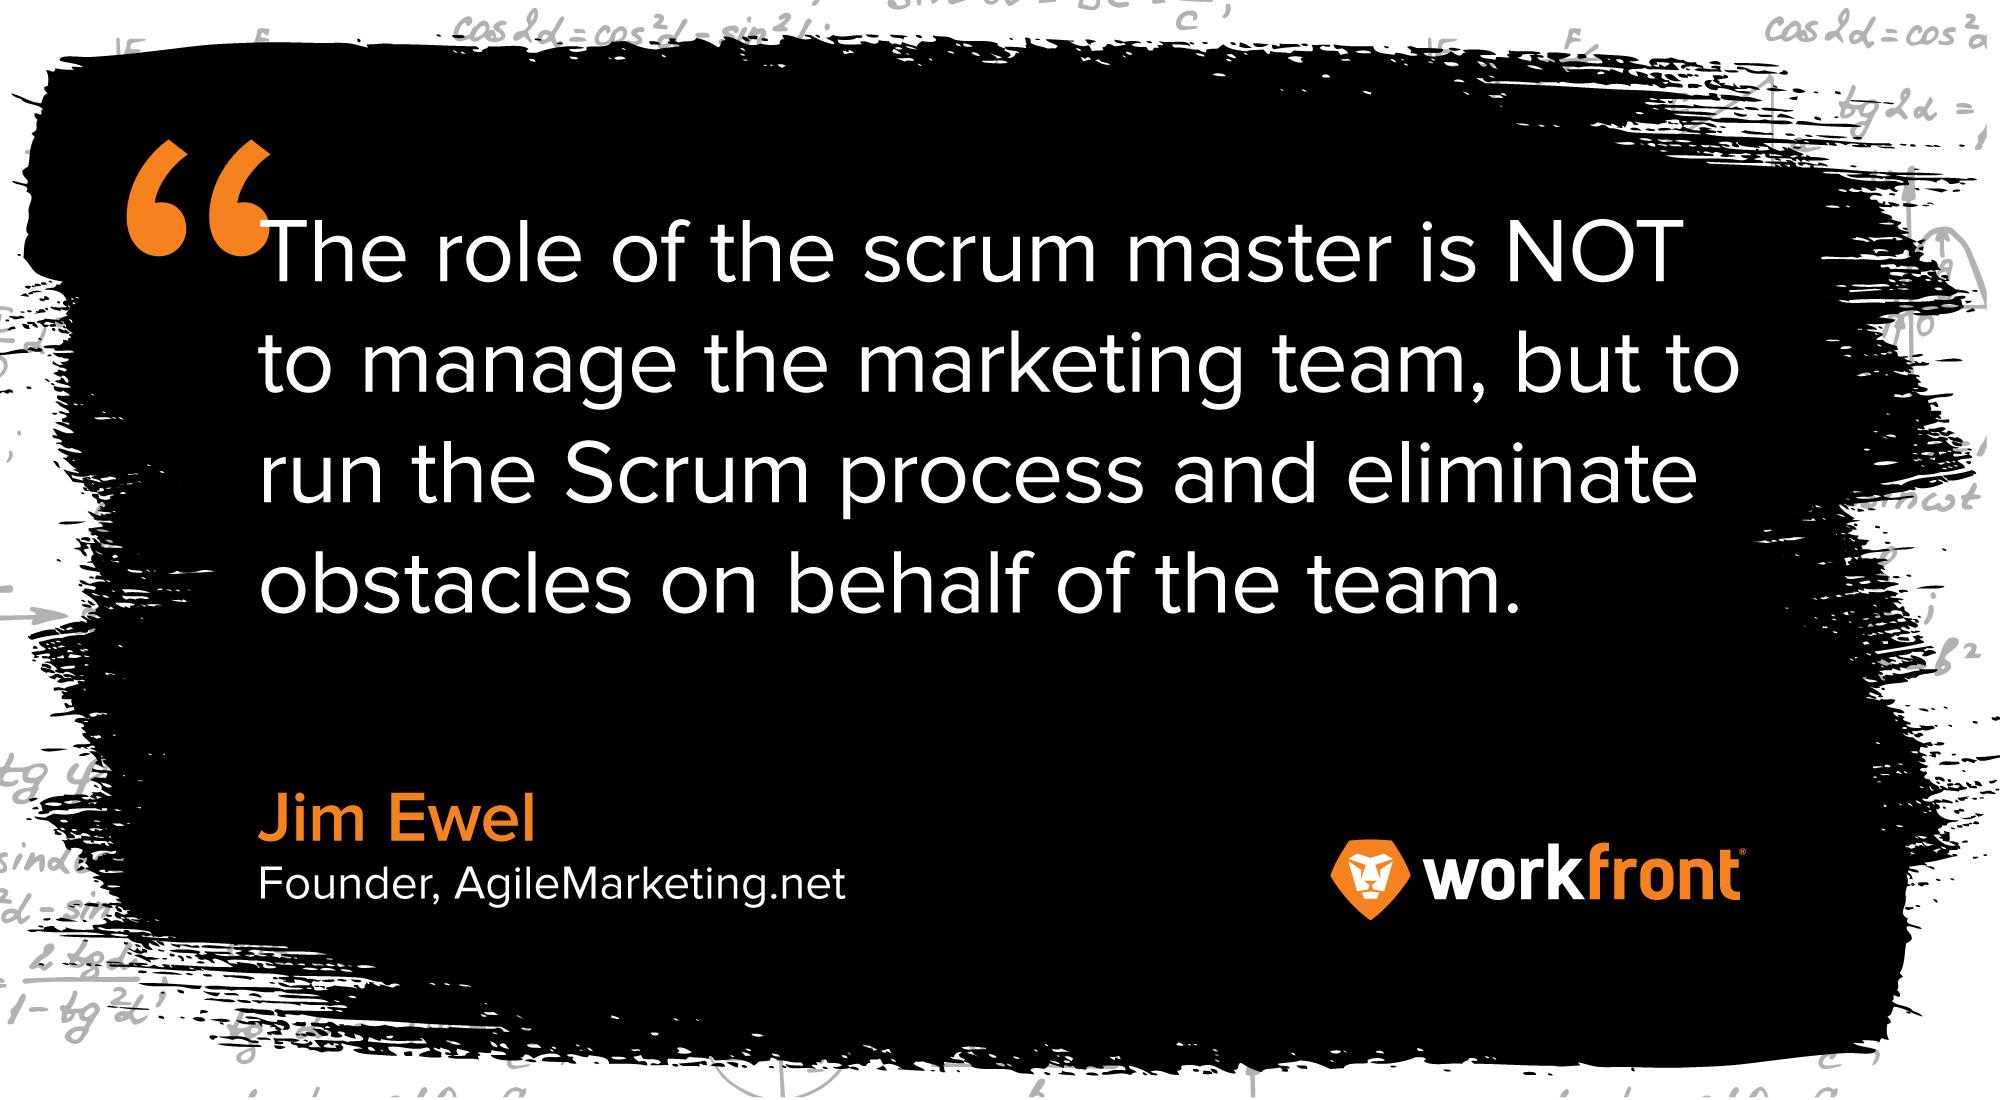 jim ewel quote agile marketing scrum master